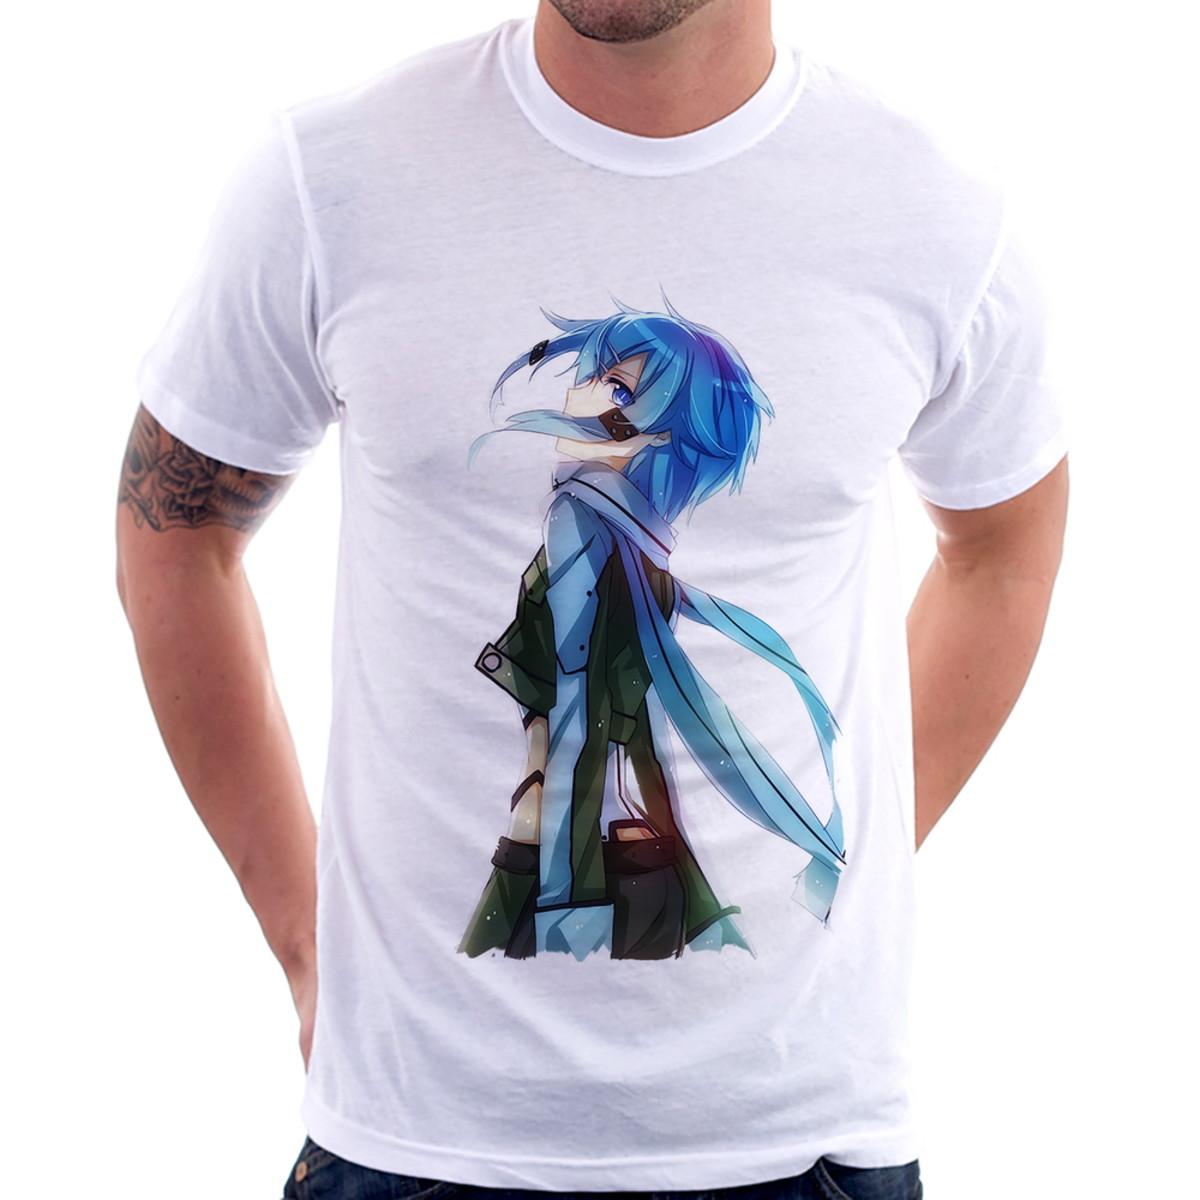 855a85f29 Camiseta Gun Gale Online Shino Asada no Elo7